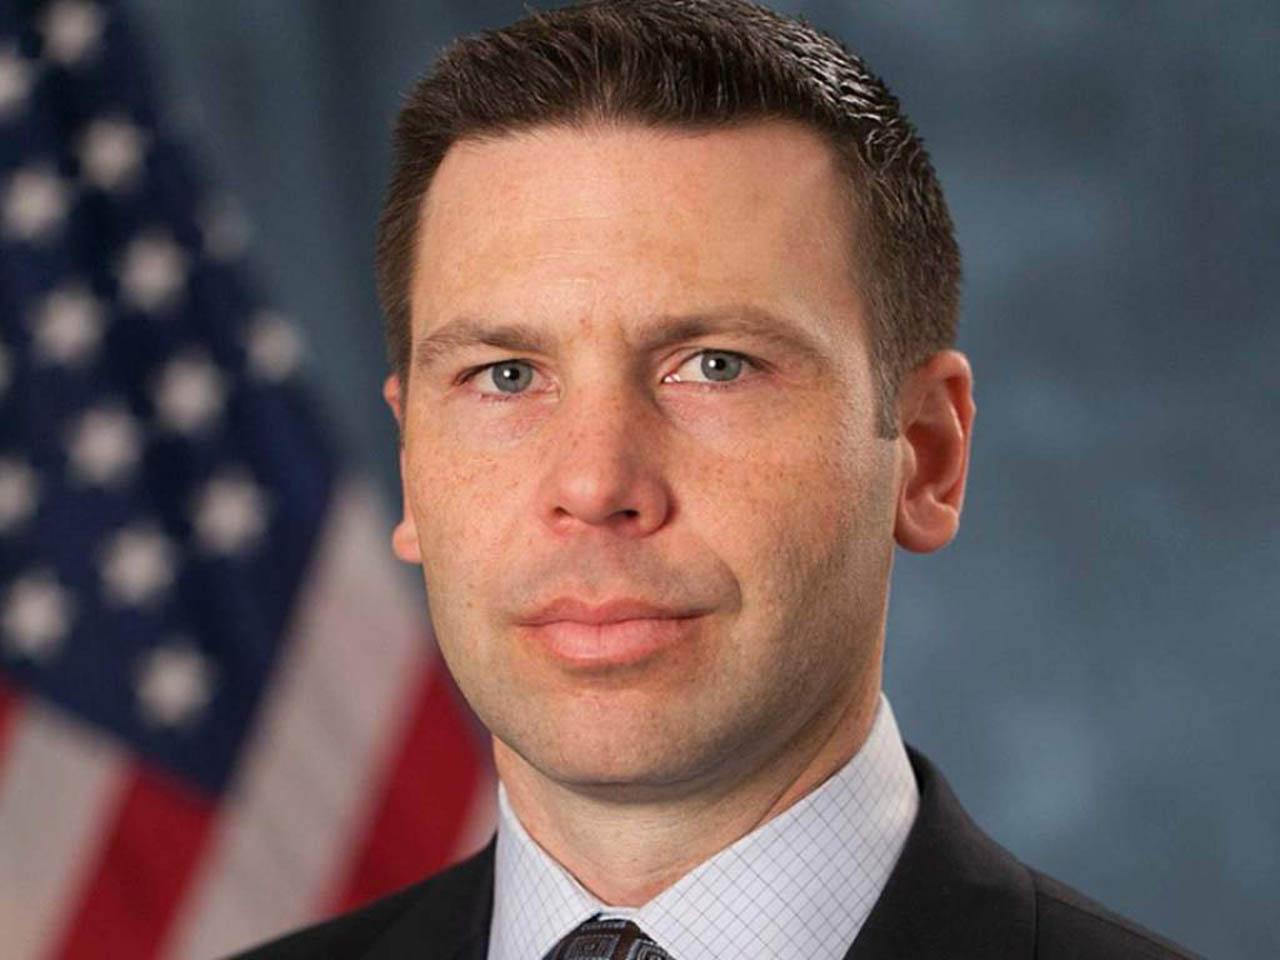 El secretario interino de Seguridad Interior de Estados Unidos, Kevin McAleenan,